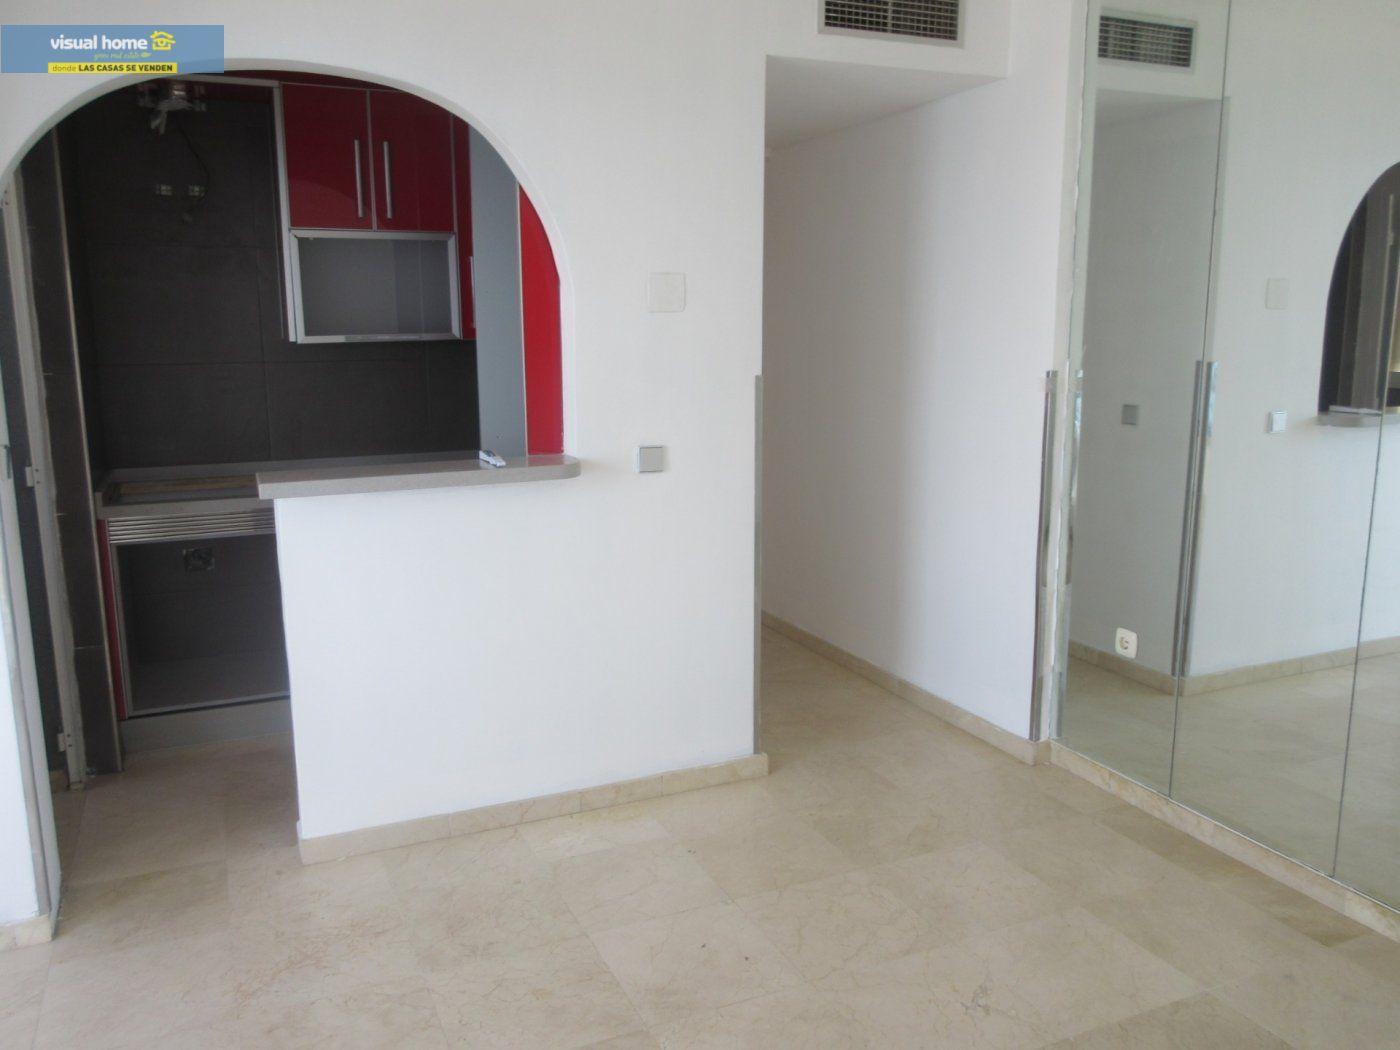 Apartamento de 1 dormitorio con espectaculares vistas  en 1ª linea de playa con parking y piscina 7